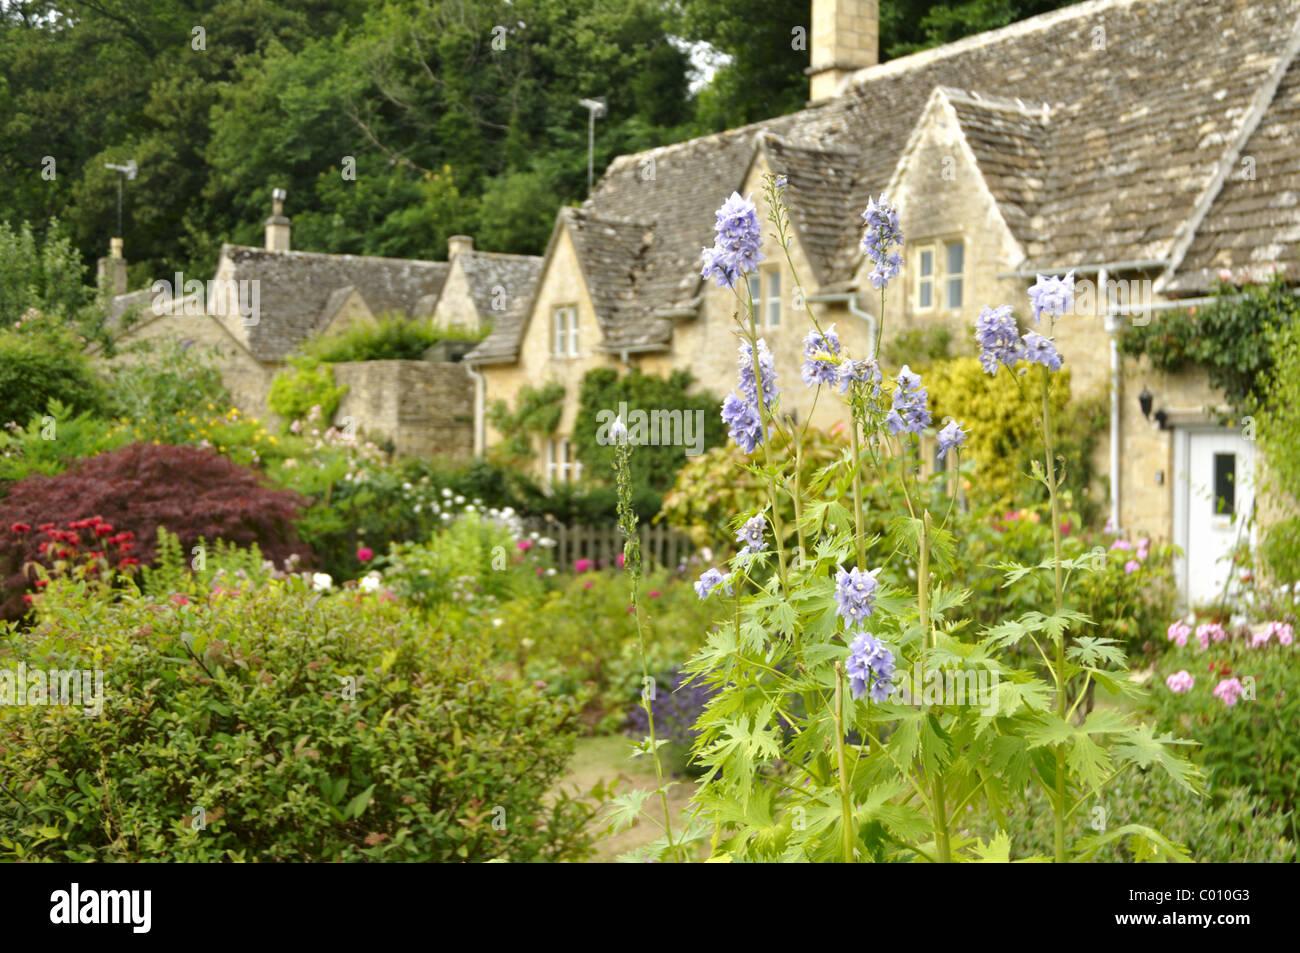 Stone cottages at Bibury, Cotswold, UK. - Stock Image